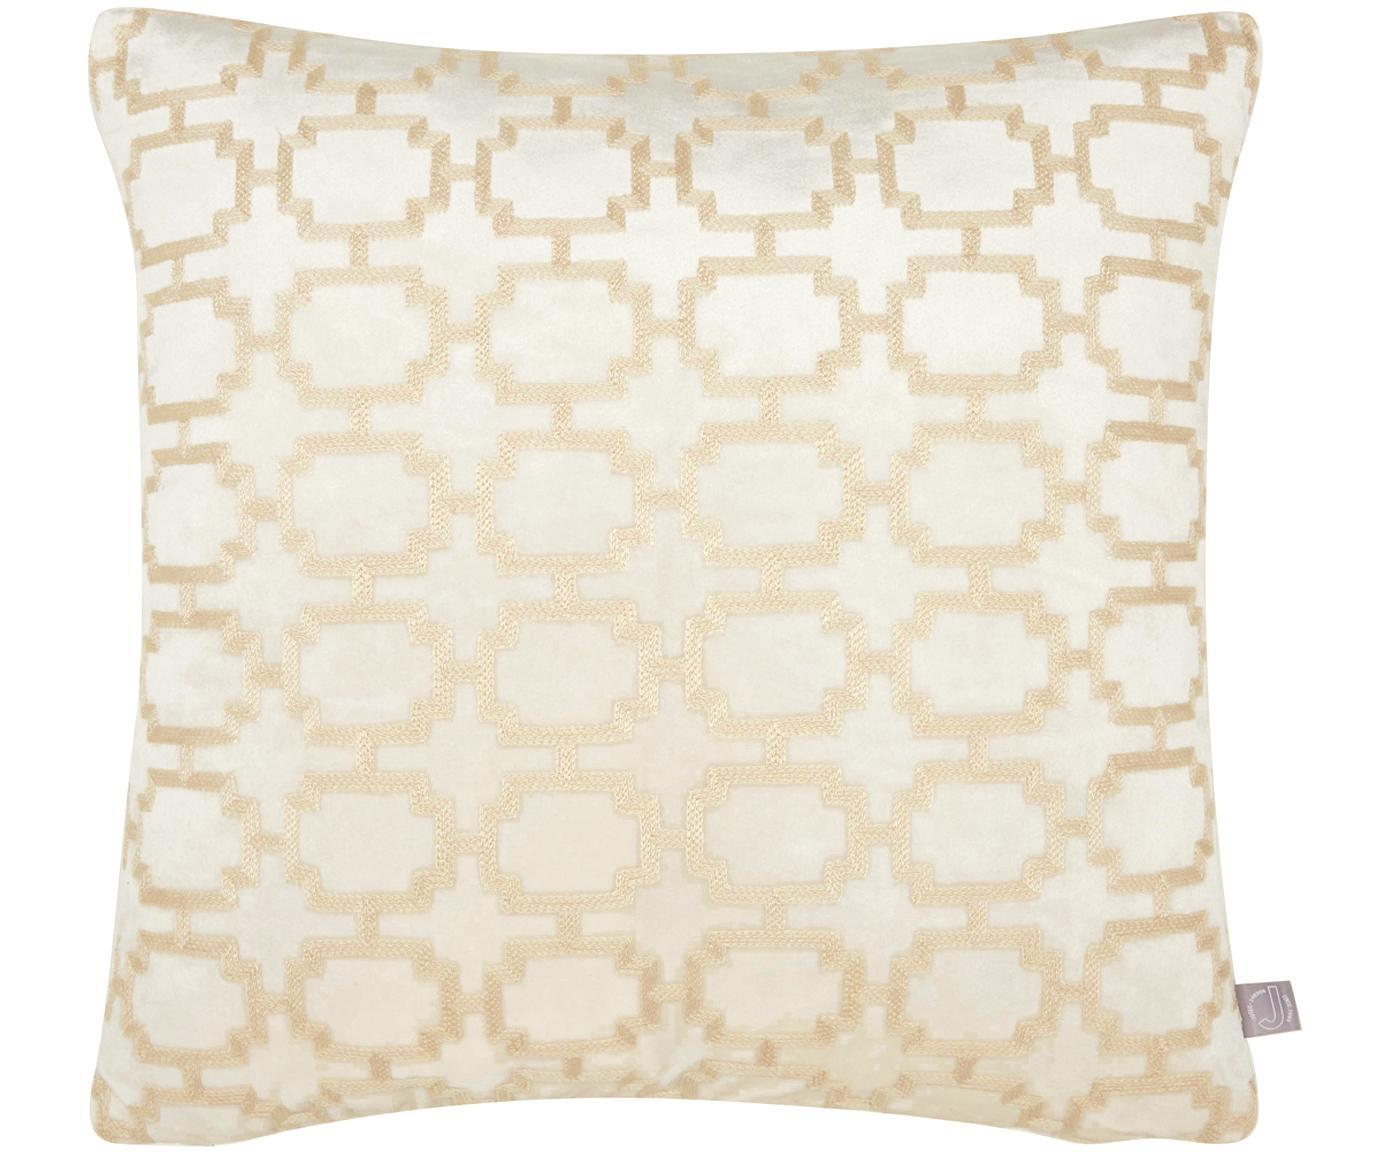 Poszewka na poduszkę z aksamitu Simone, 100% aksamit poliestrowy, Biały, S 43 x D 43 cm